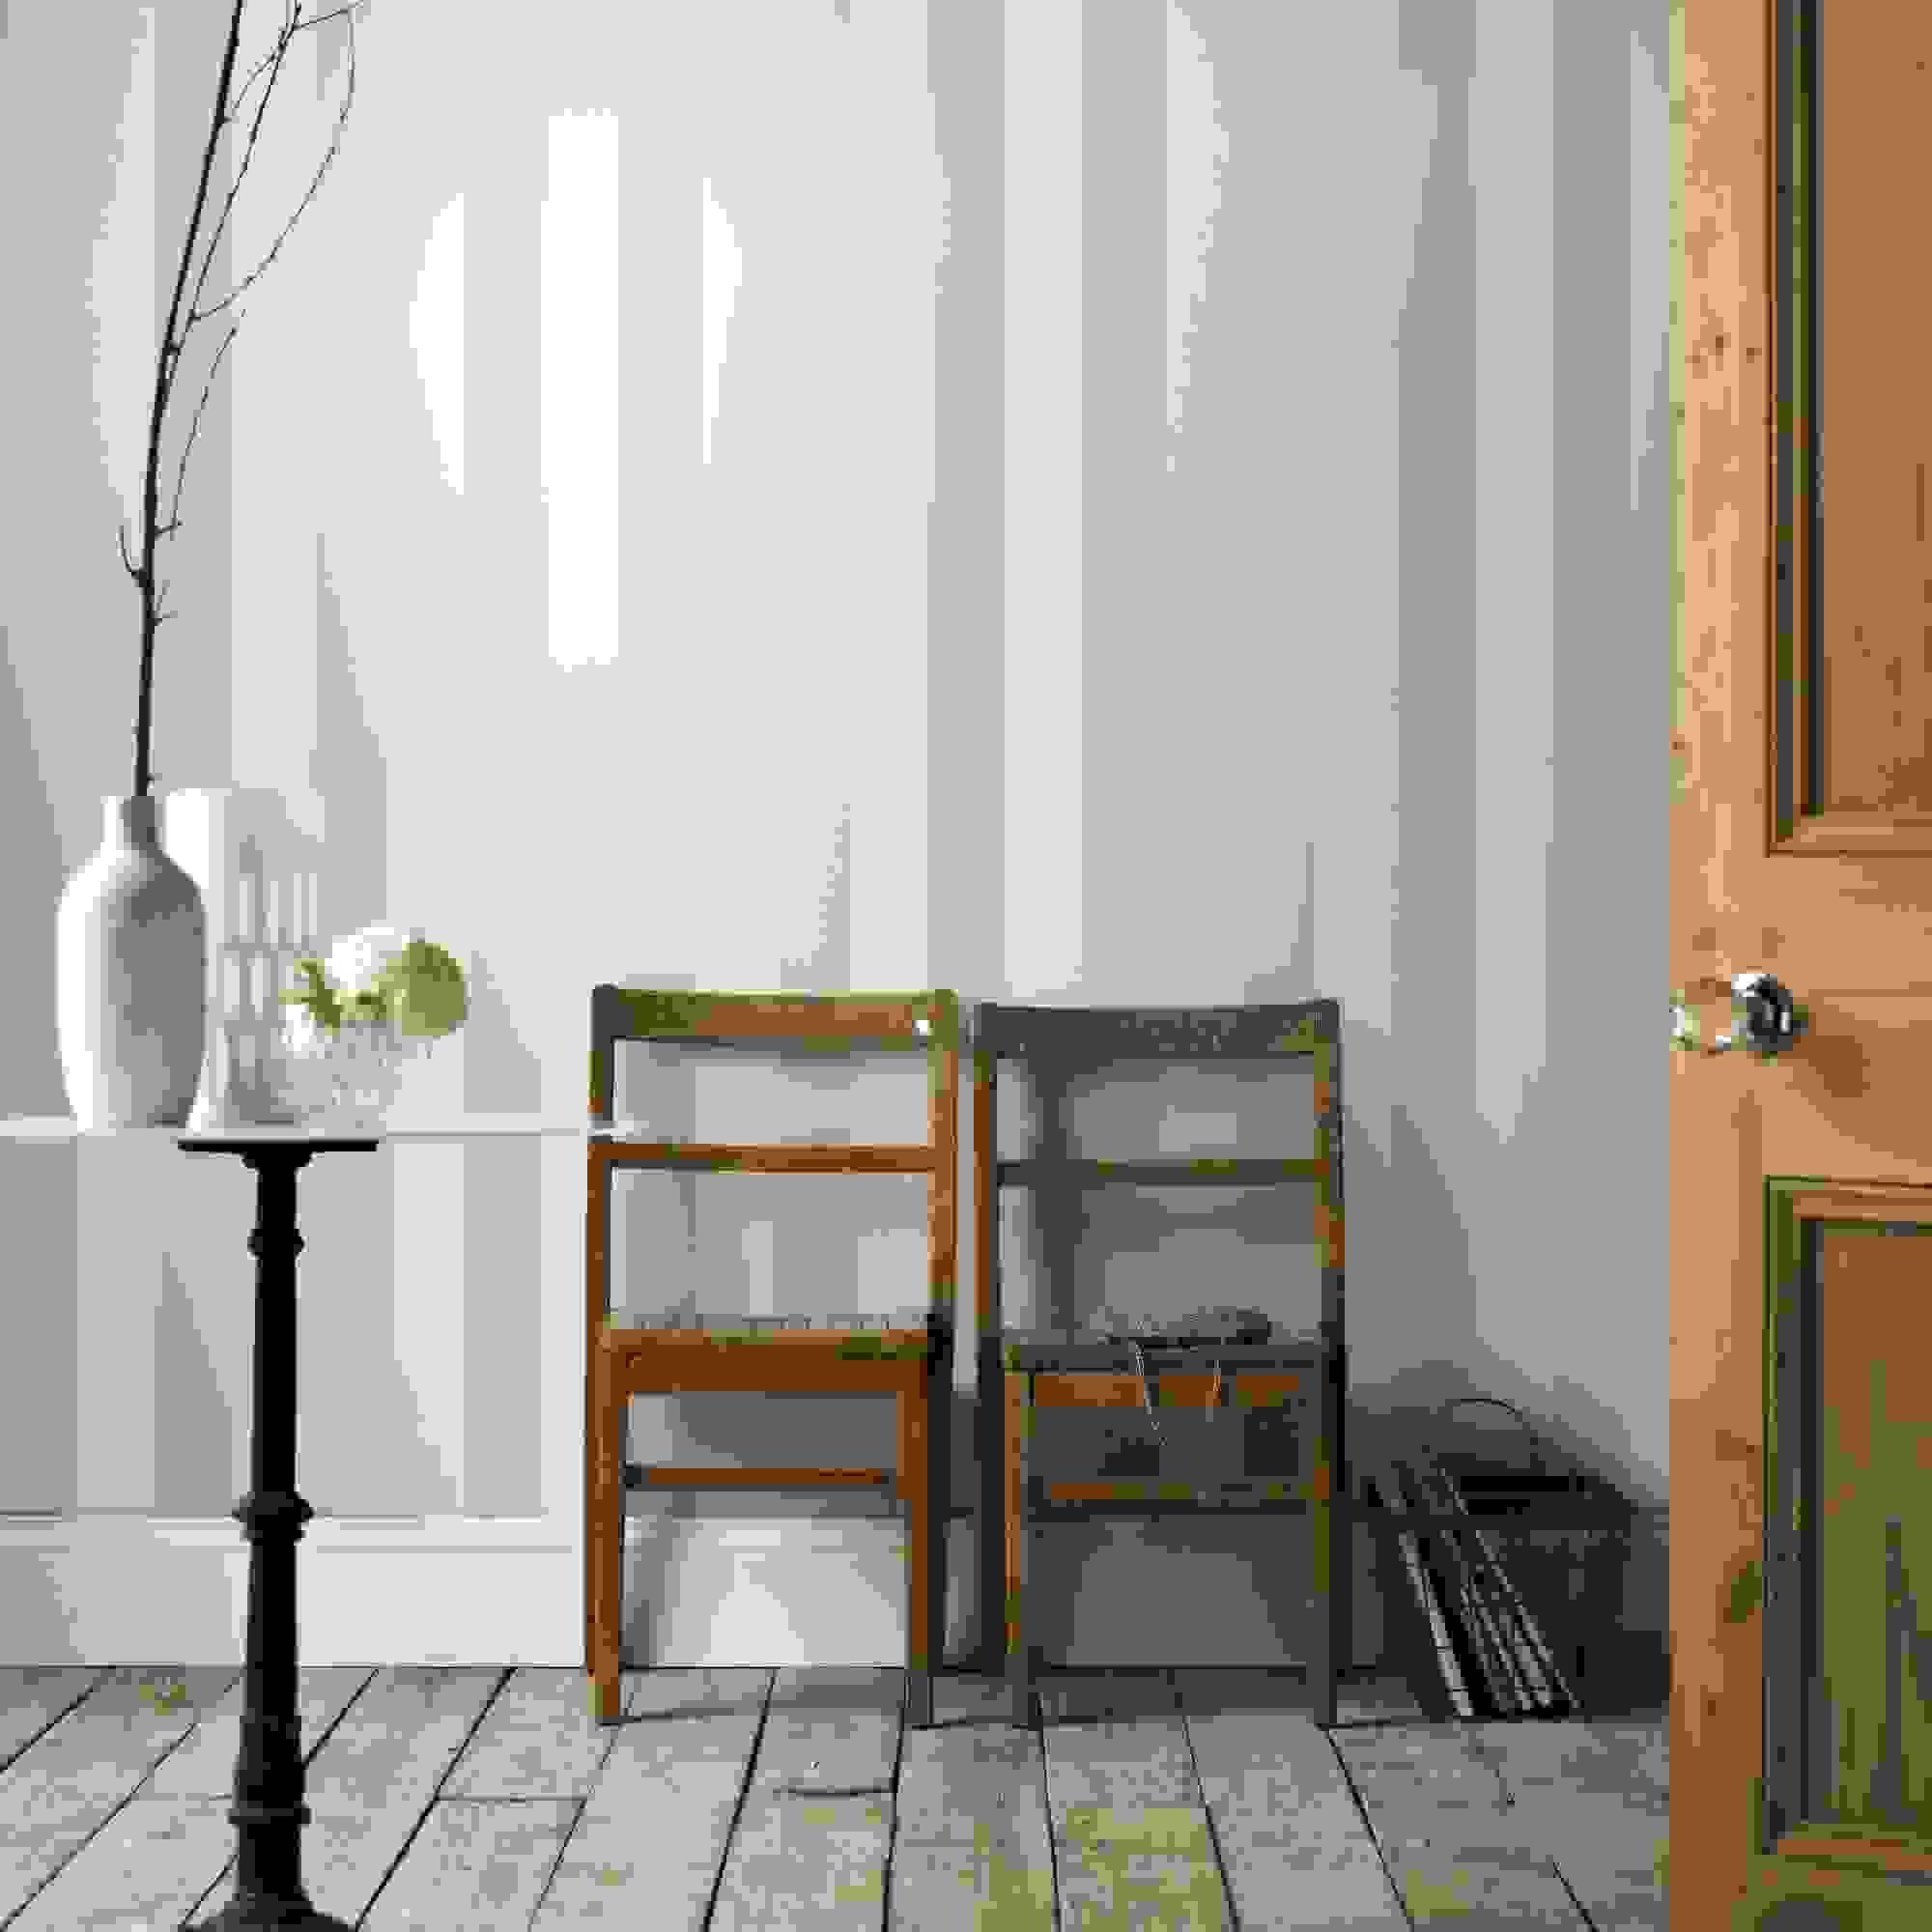 Image source: ebay.com